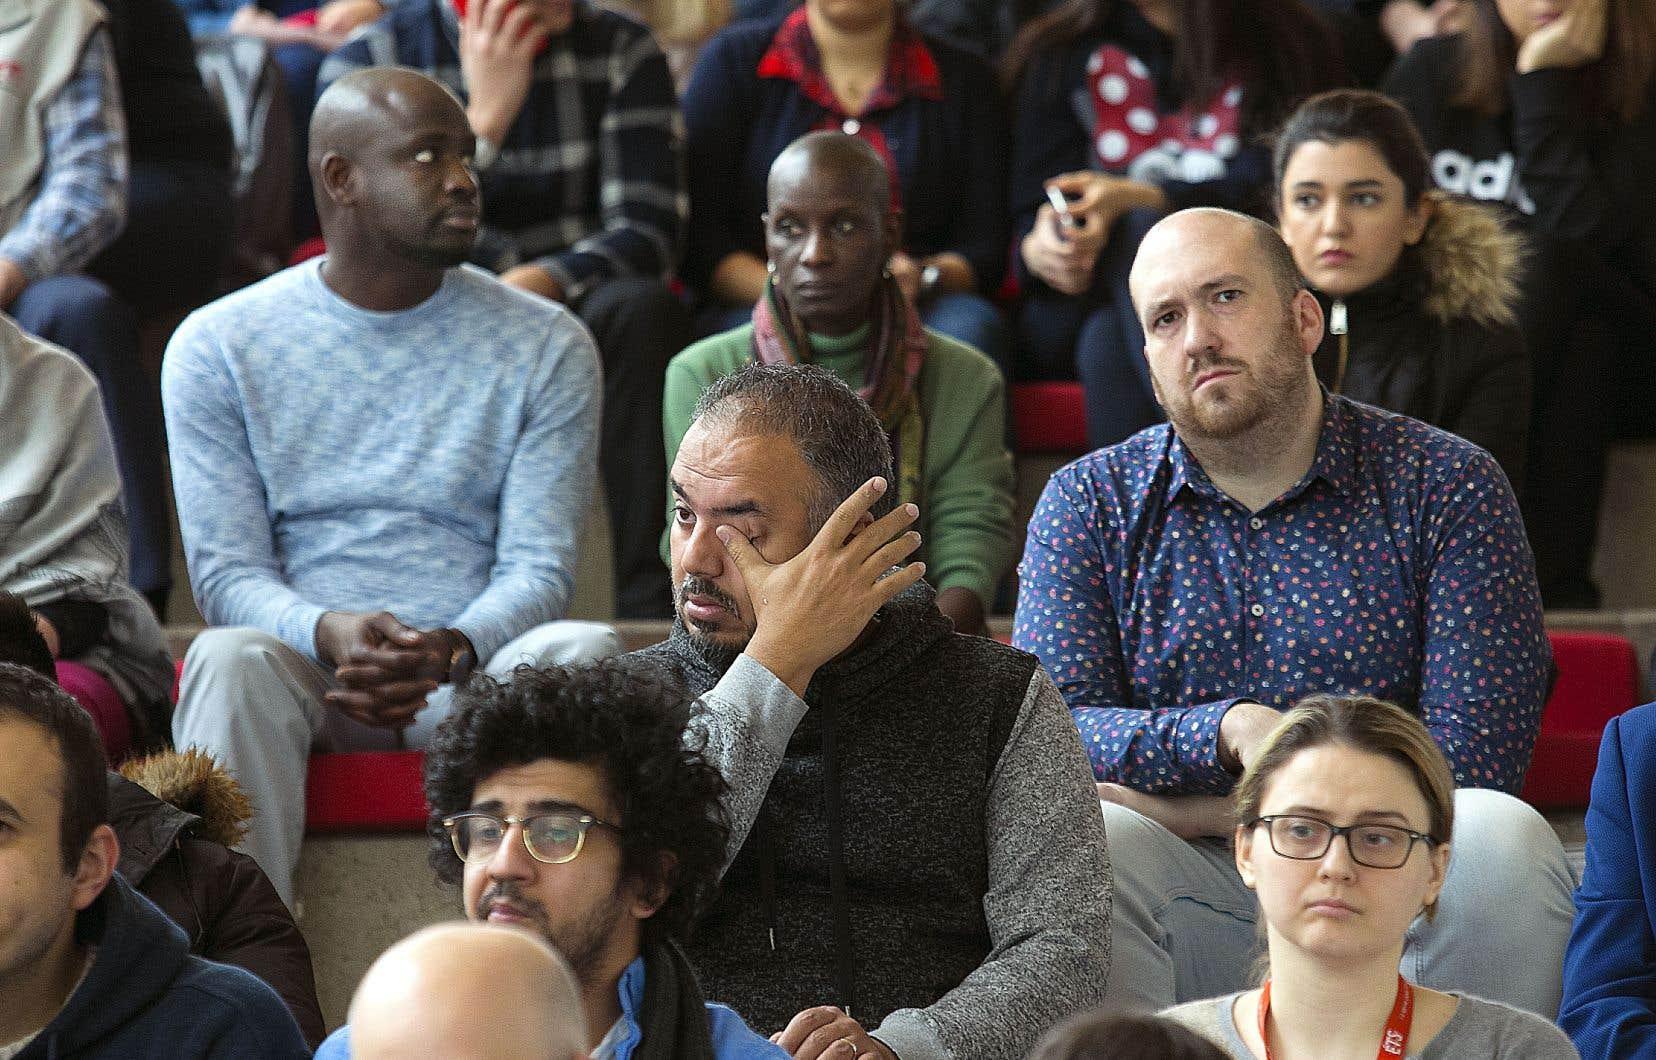 Les étudiants et le personnel des universités du Canada (à l'École de technologie supérieure sur notre photo) ont été invités à observer une minute de silence, mercredi, en hommage aux victimes de l'avion civil abattu par les forces armées iraniennes.